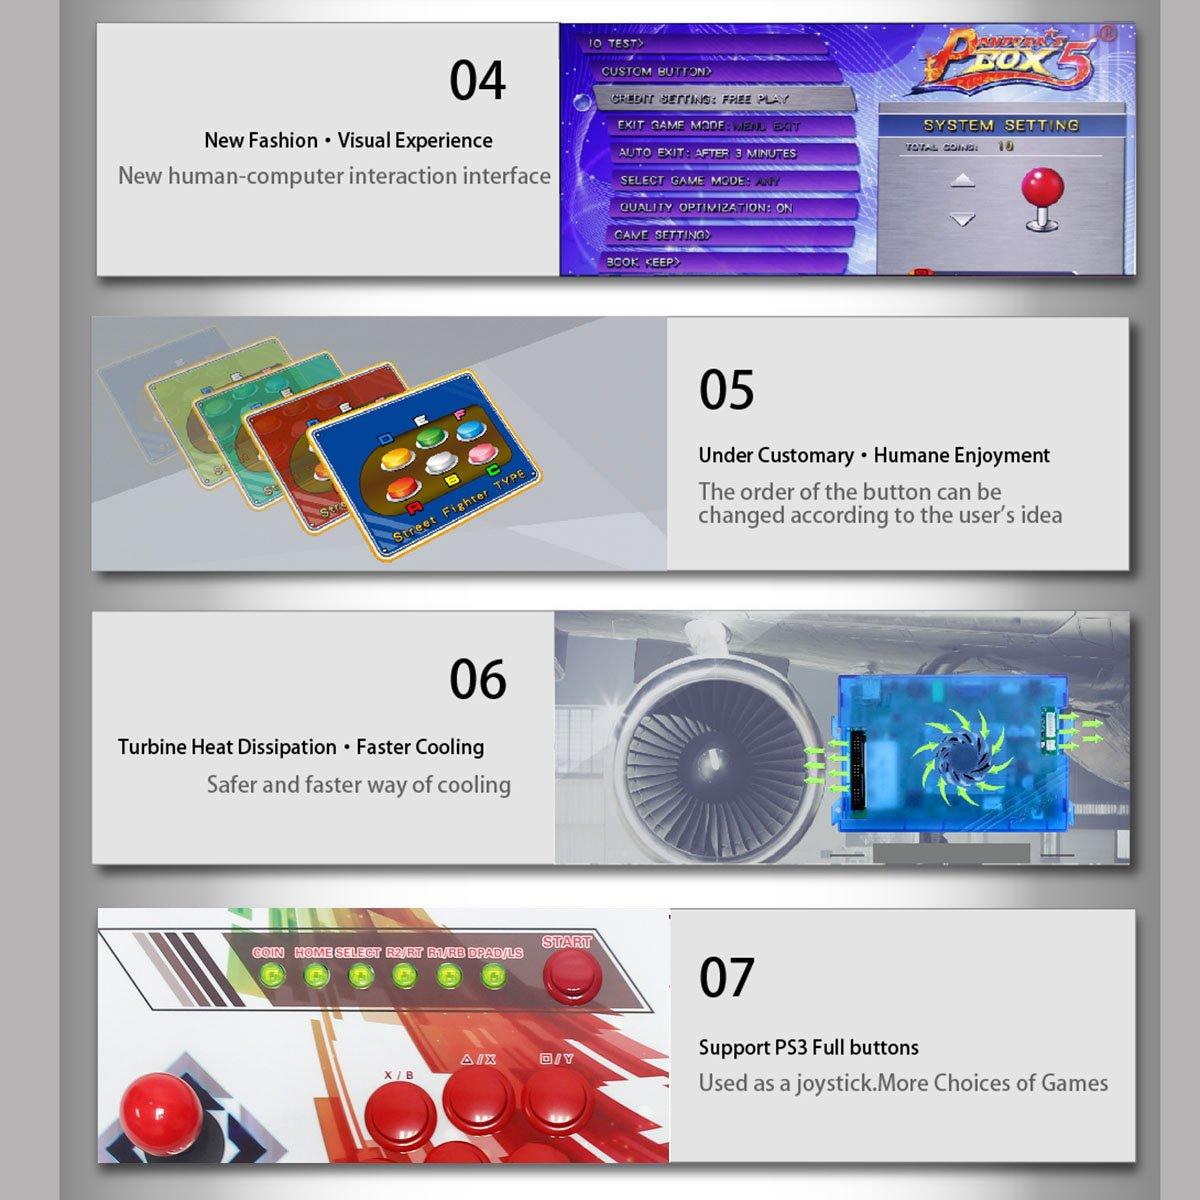 Wisamic Real Pandoras Box 5 2 jugadores Joystick Arcade Console con 960 Arcade Games, 1280 * 720 Full HD, totalmente compatible con PS3: Amazon.es: ...